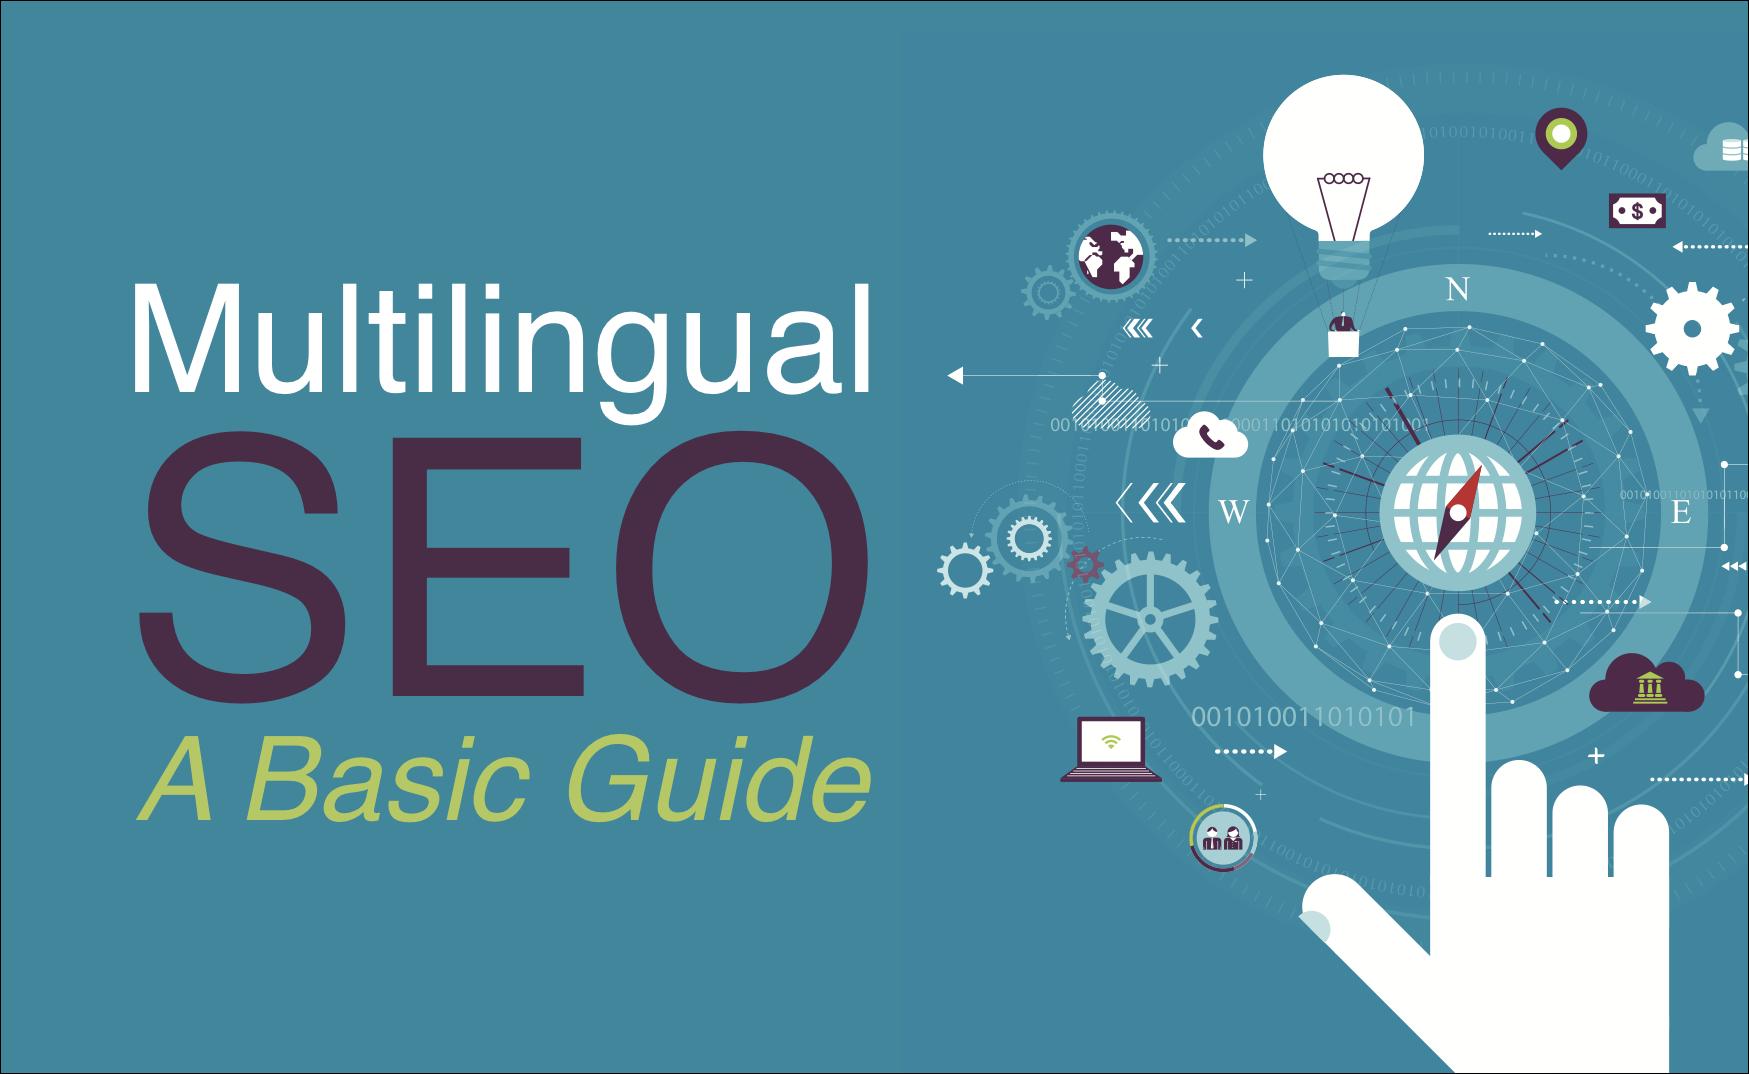 Multilingual SEO: A Basic Guide